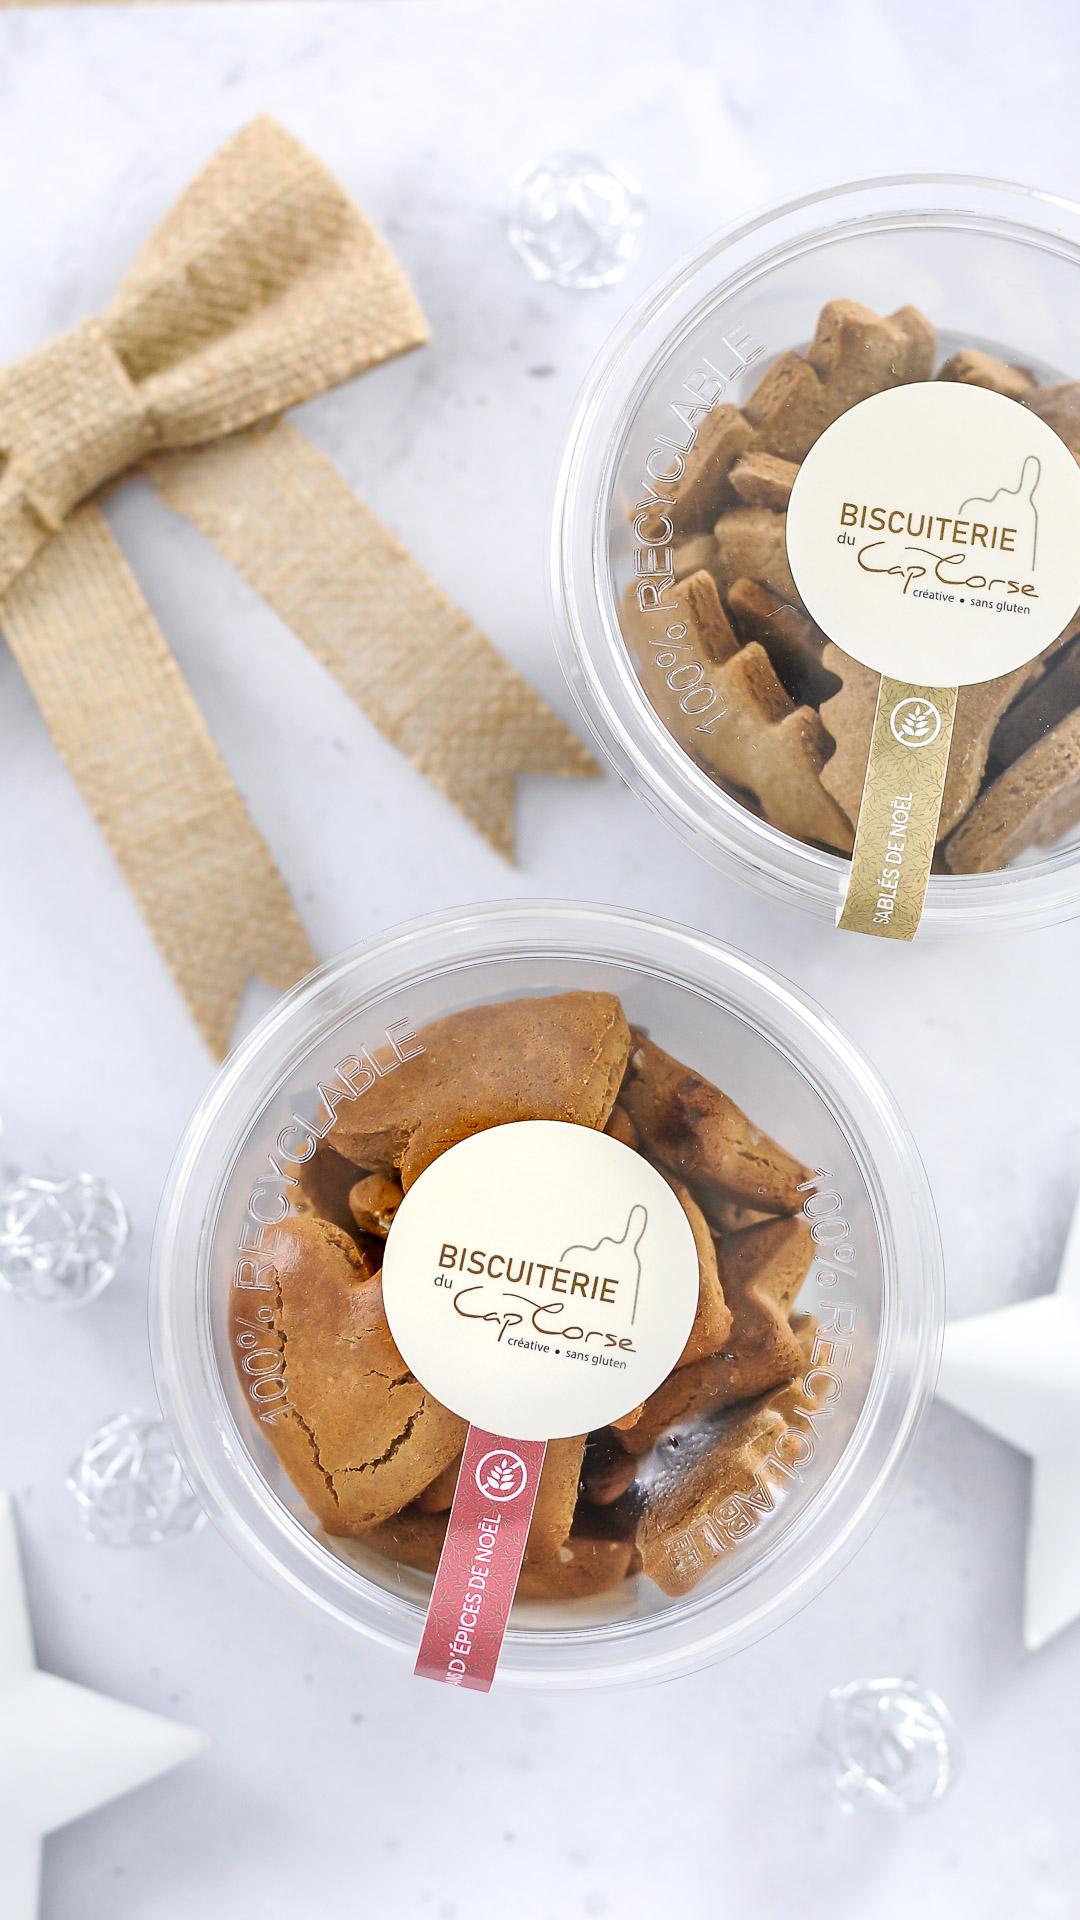 sables-noel-biscuiterie-cap-corse-2